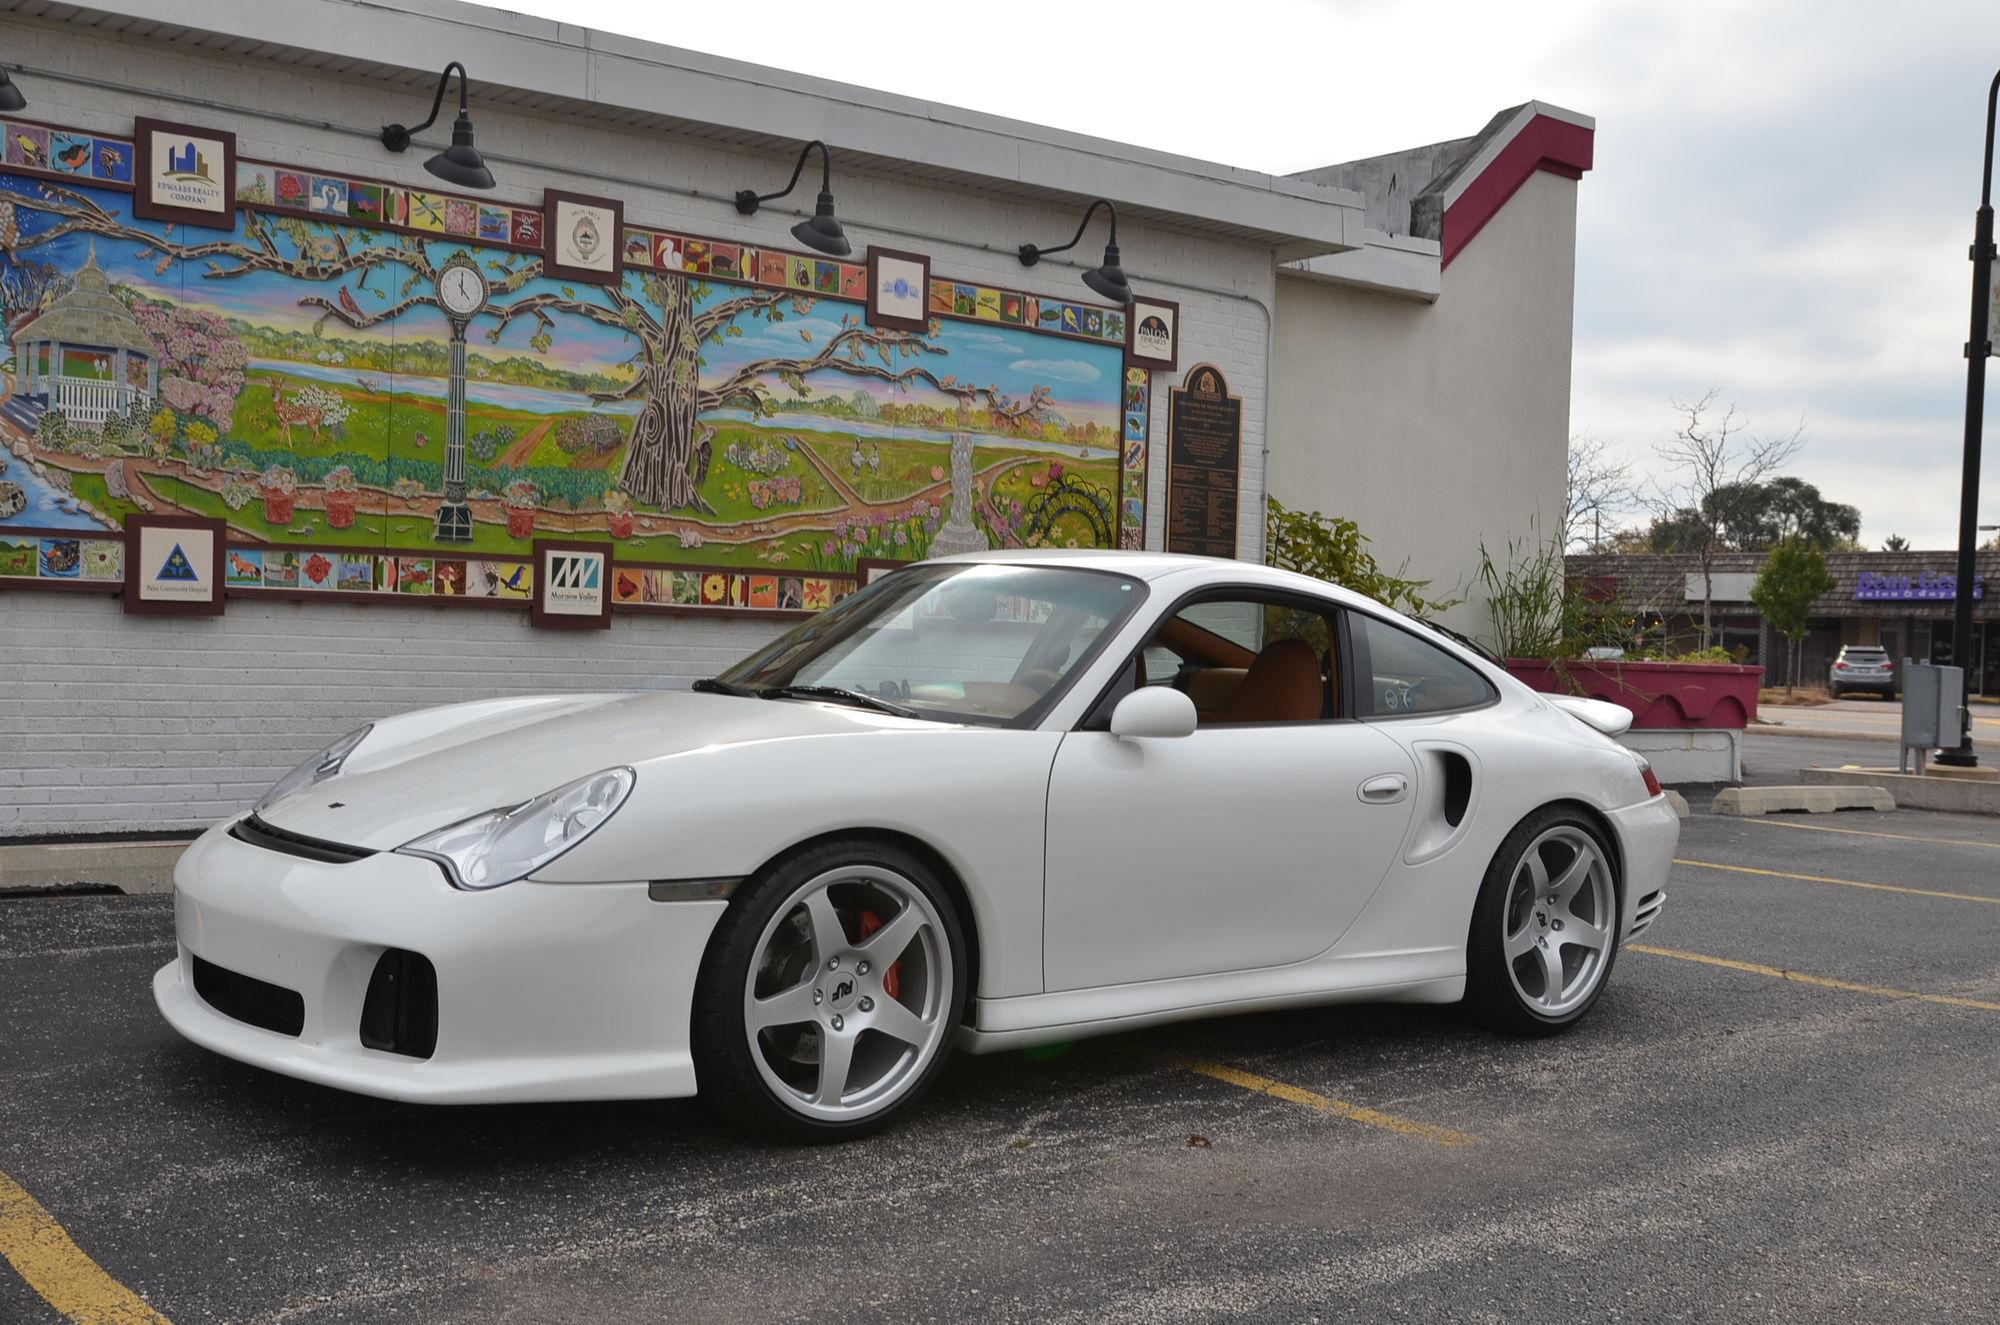 80-dsc_2115_f3f2a6a2b00dd3536095ce1756f98eb7a4bb22f9 Terrific 2002 Porsche 911 Carrera Turbo Gt2 X50 Cars Trend